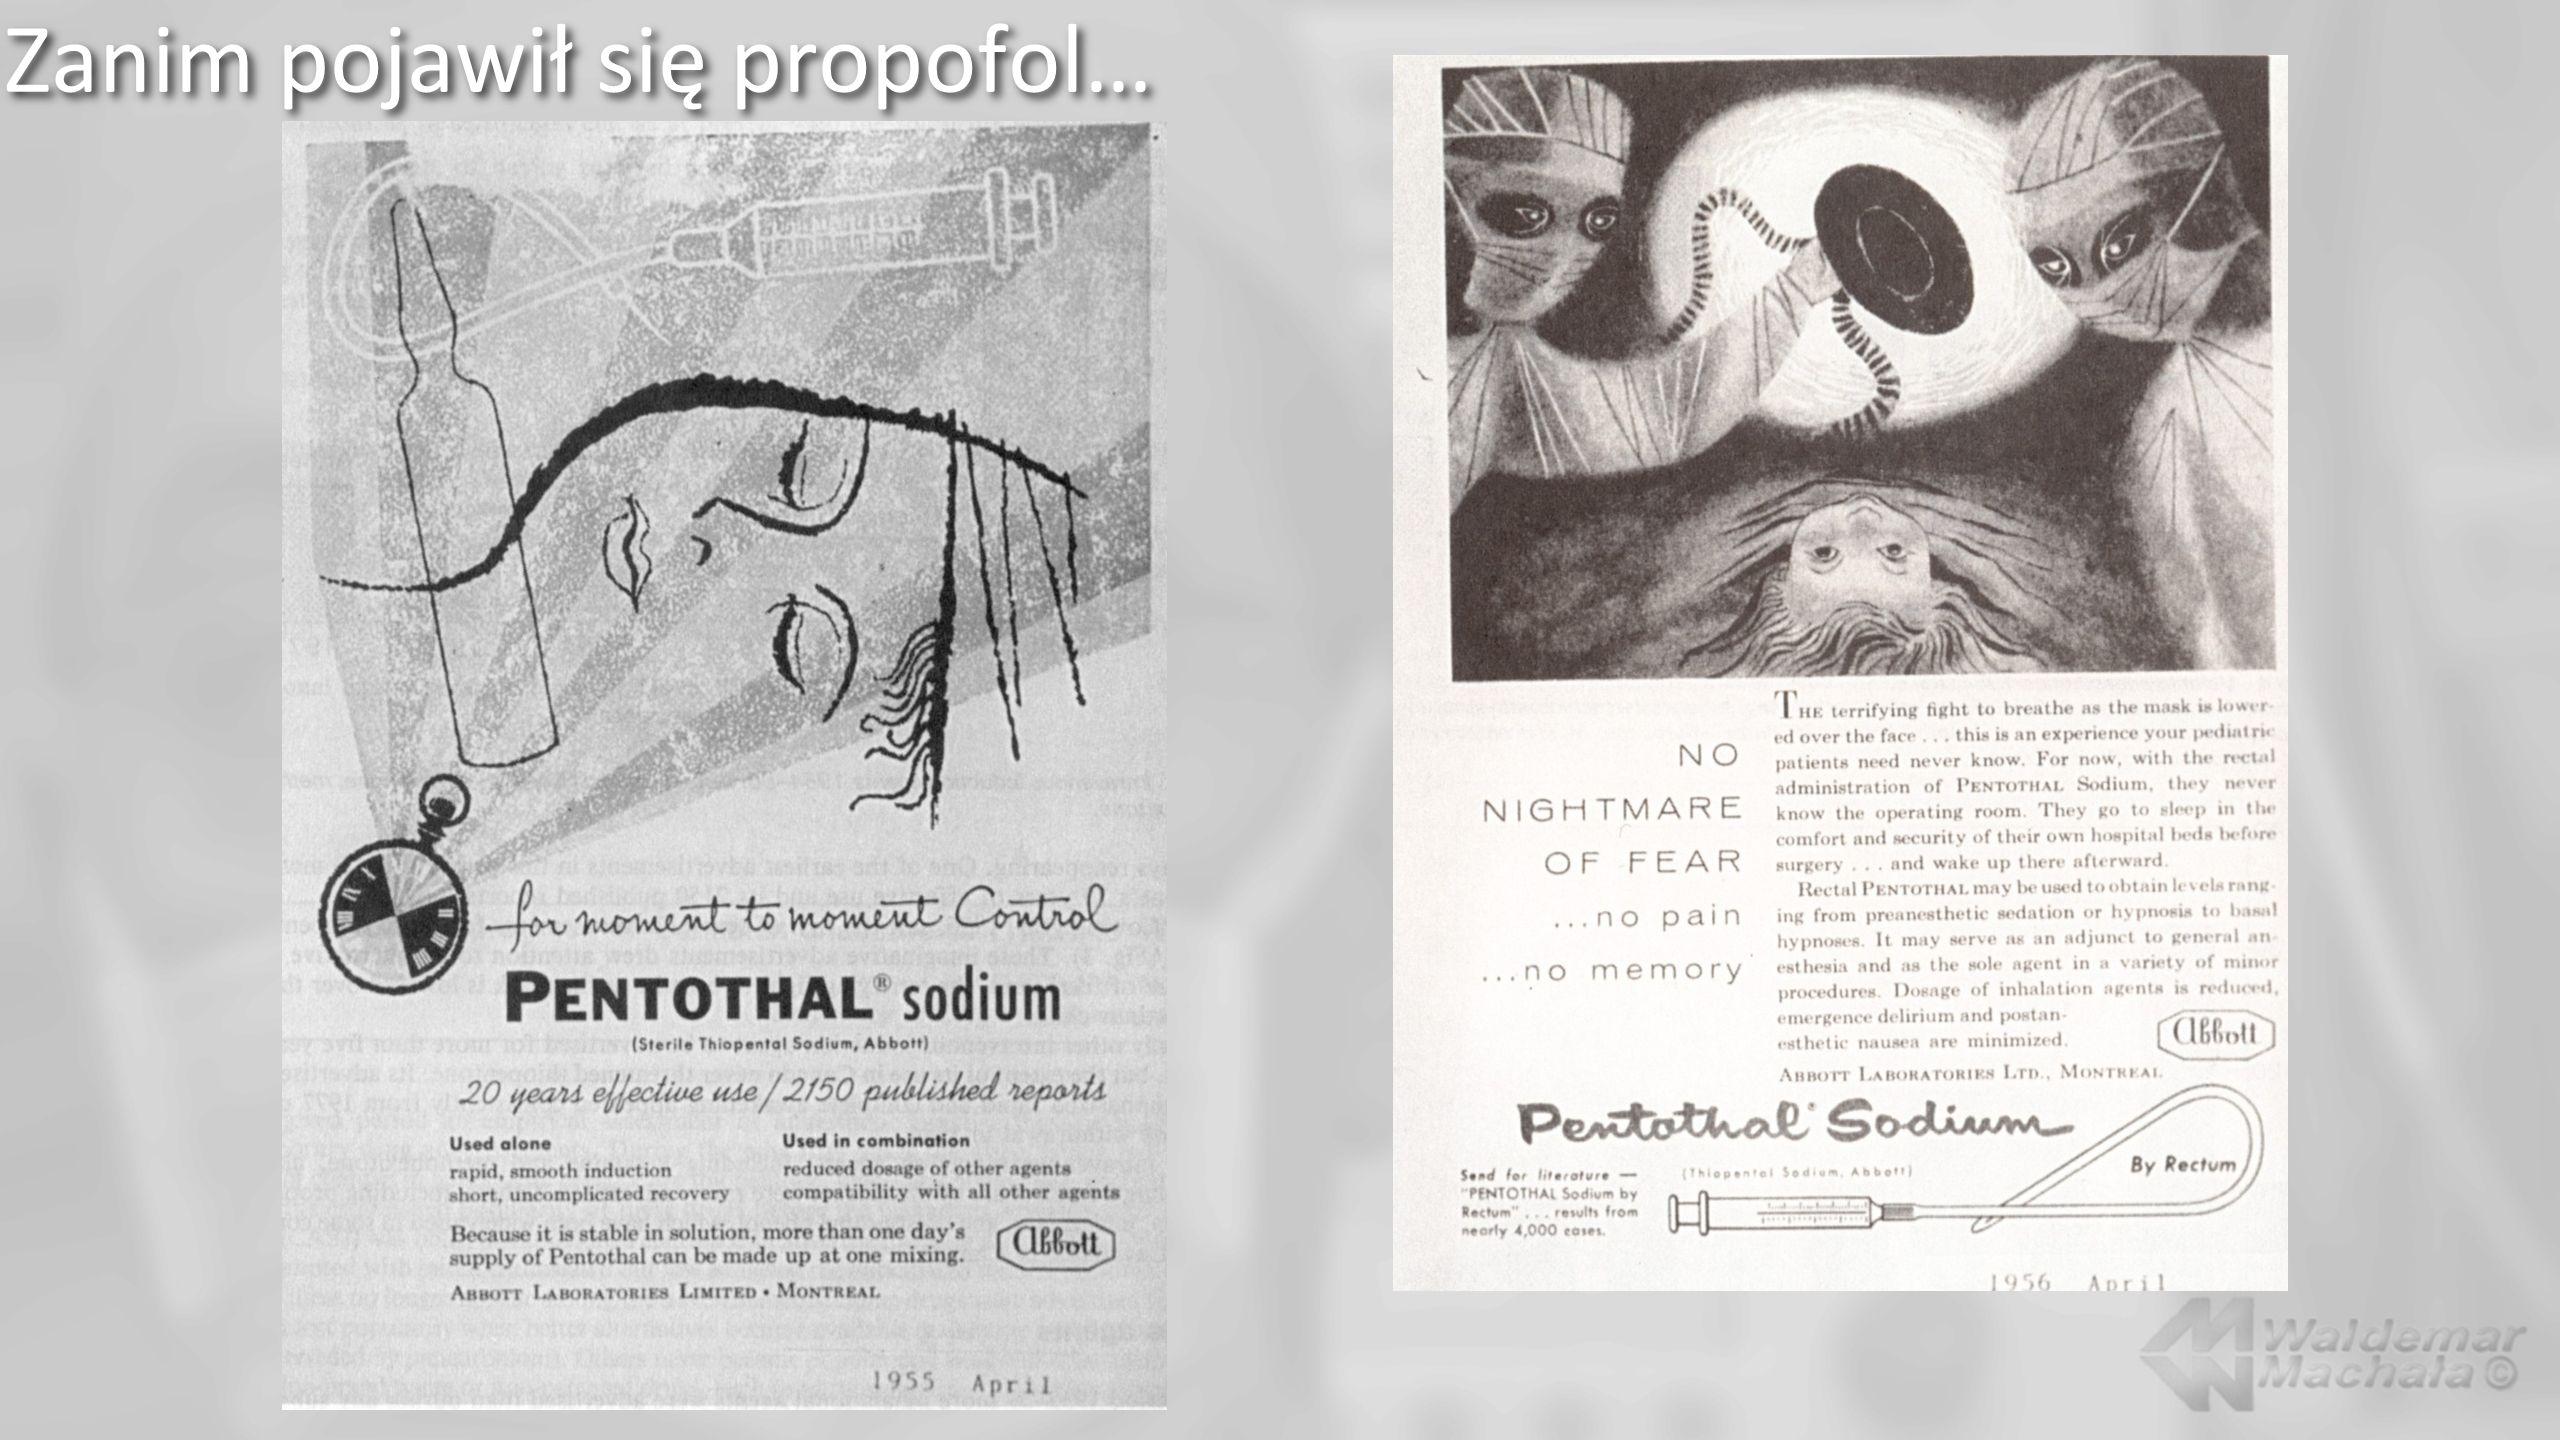 Propofol… Propofol Infusion Syndrome - zapobieganie Zalecenia: Society of Critical Care Medicine.